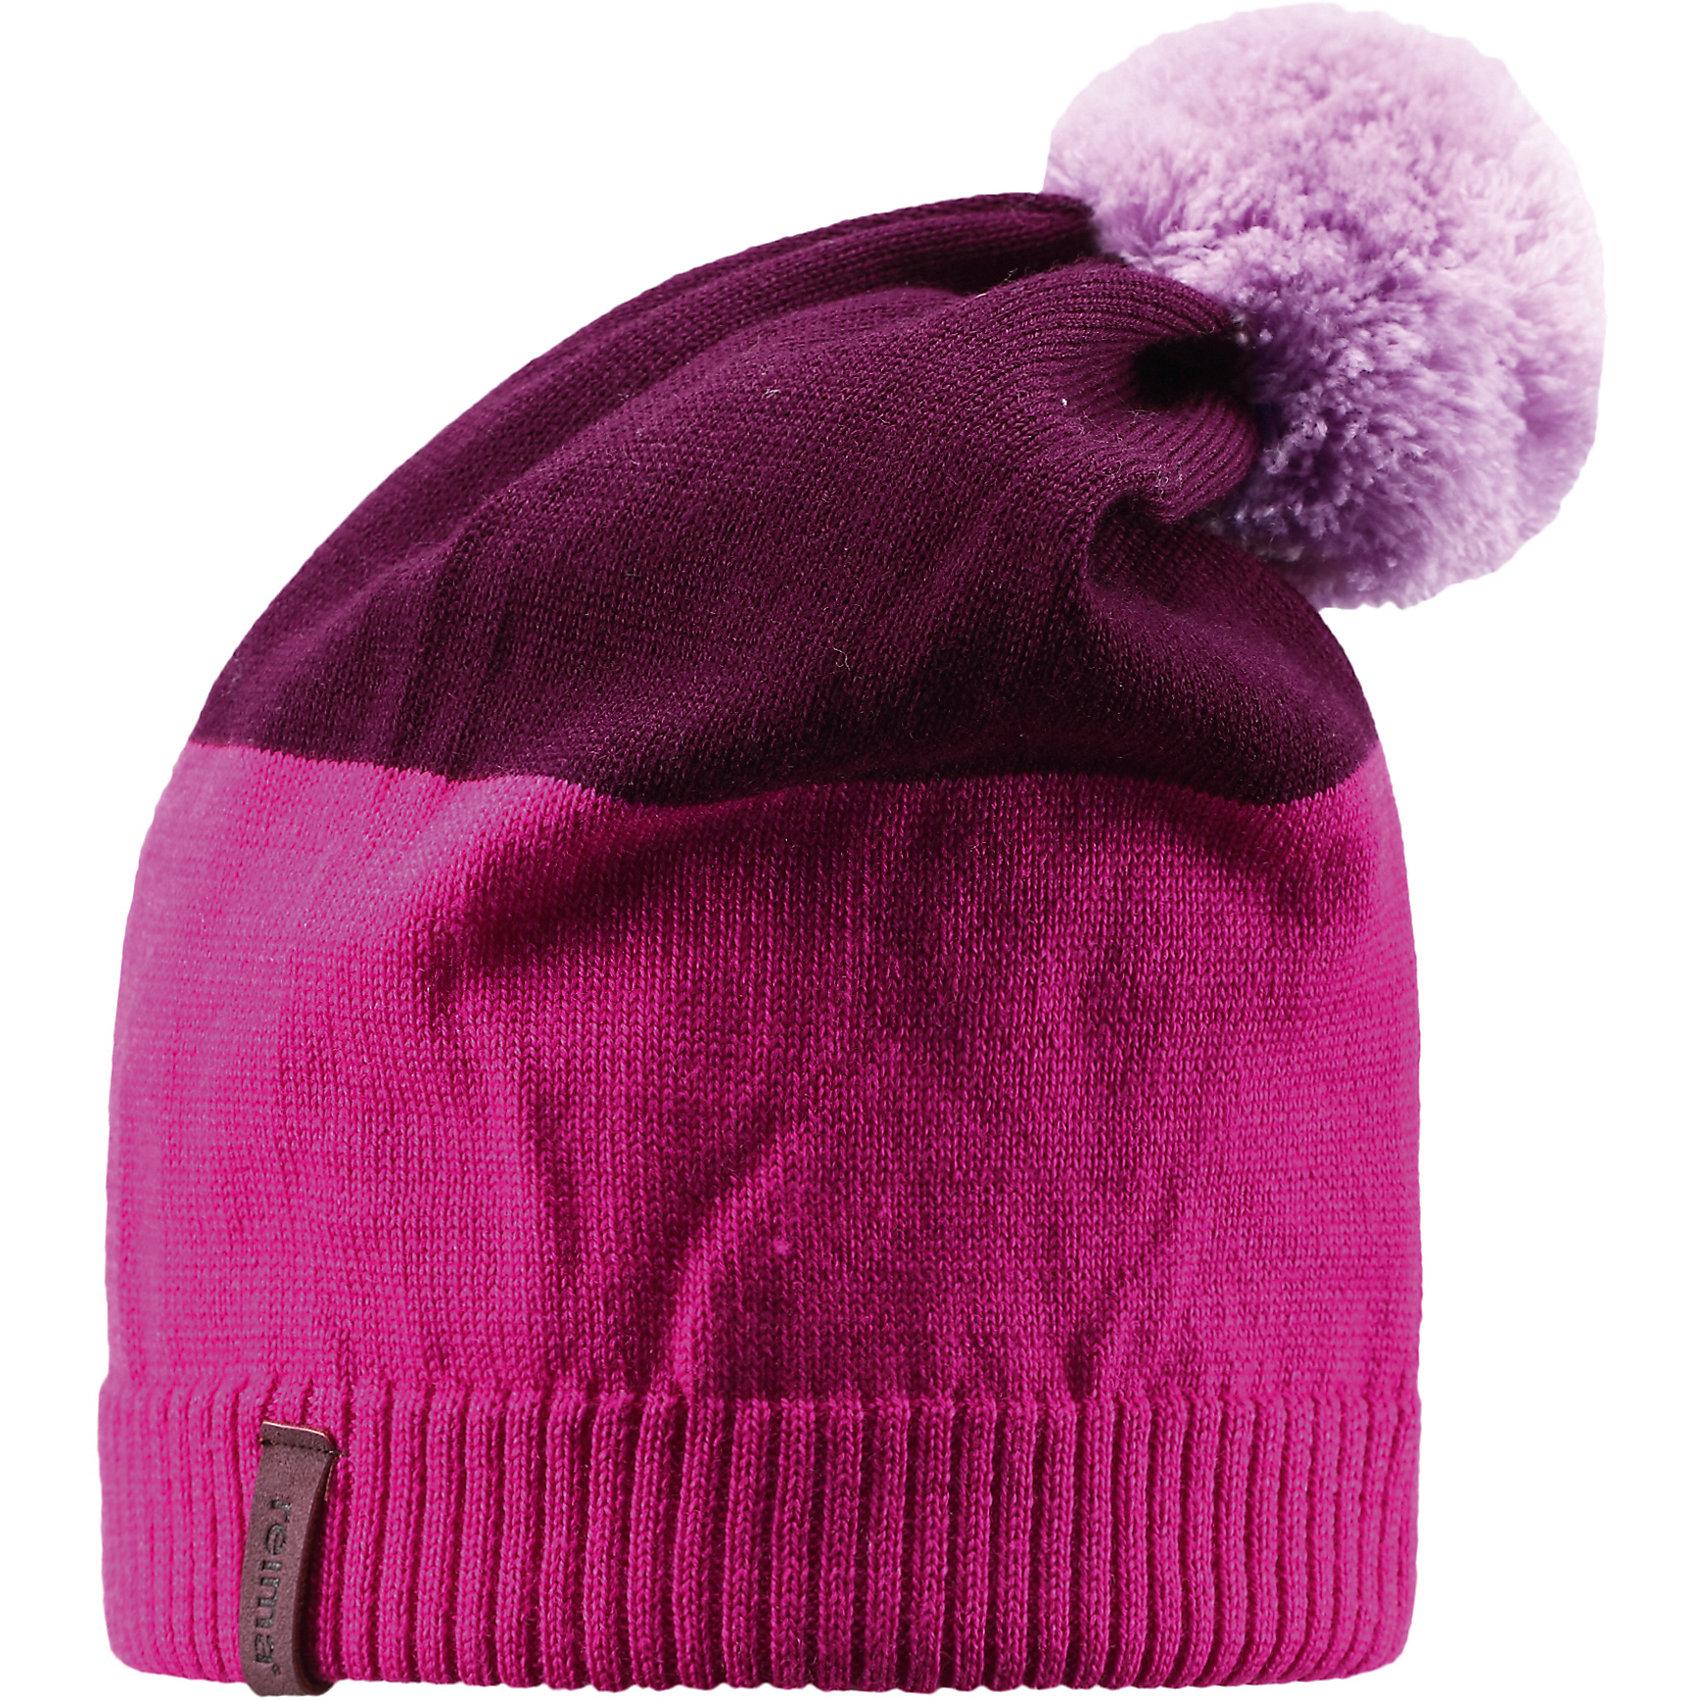 картинка на шапку в магазине древних славян существовала